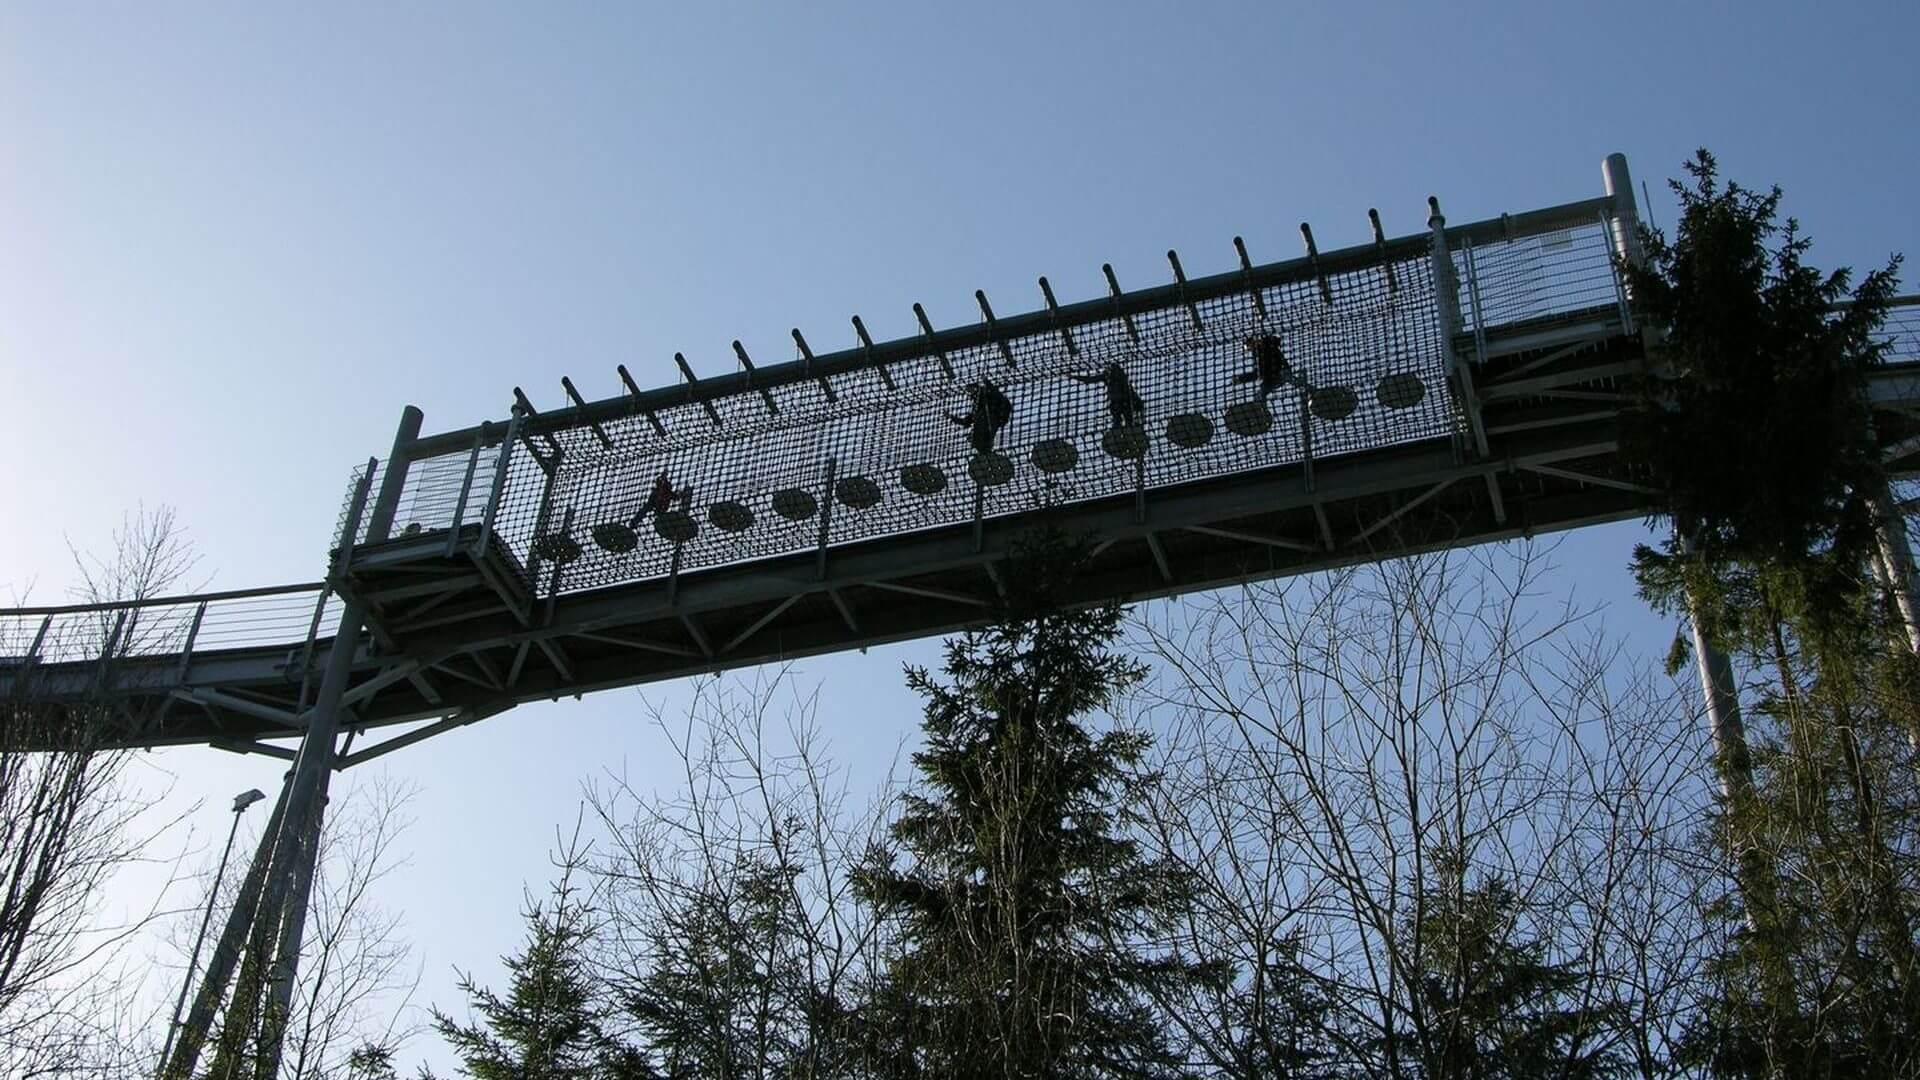 Klettern auf der Panorama Erlebnis Brücke in Winterberg am Erlebnisberg Kappe